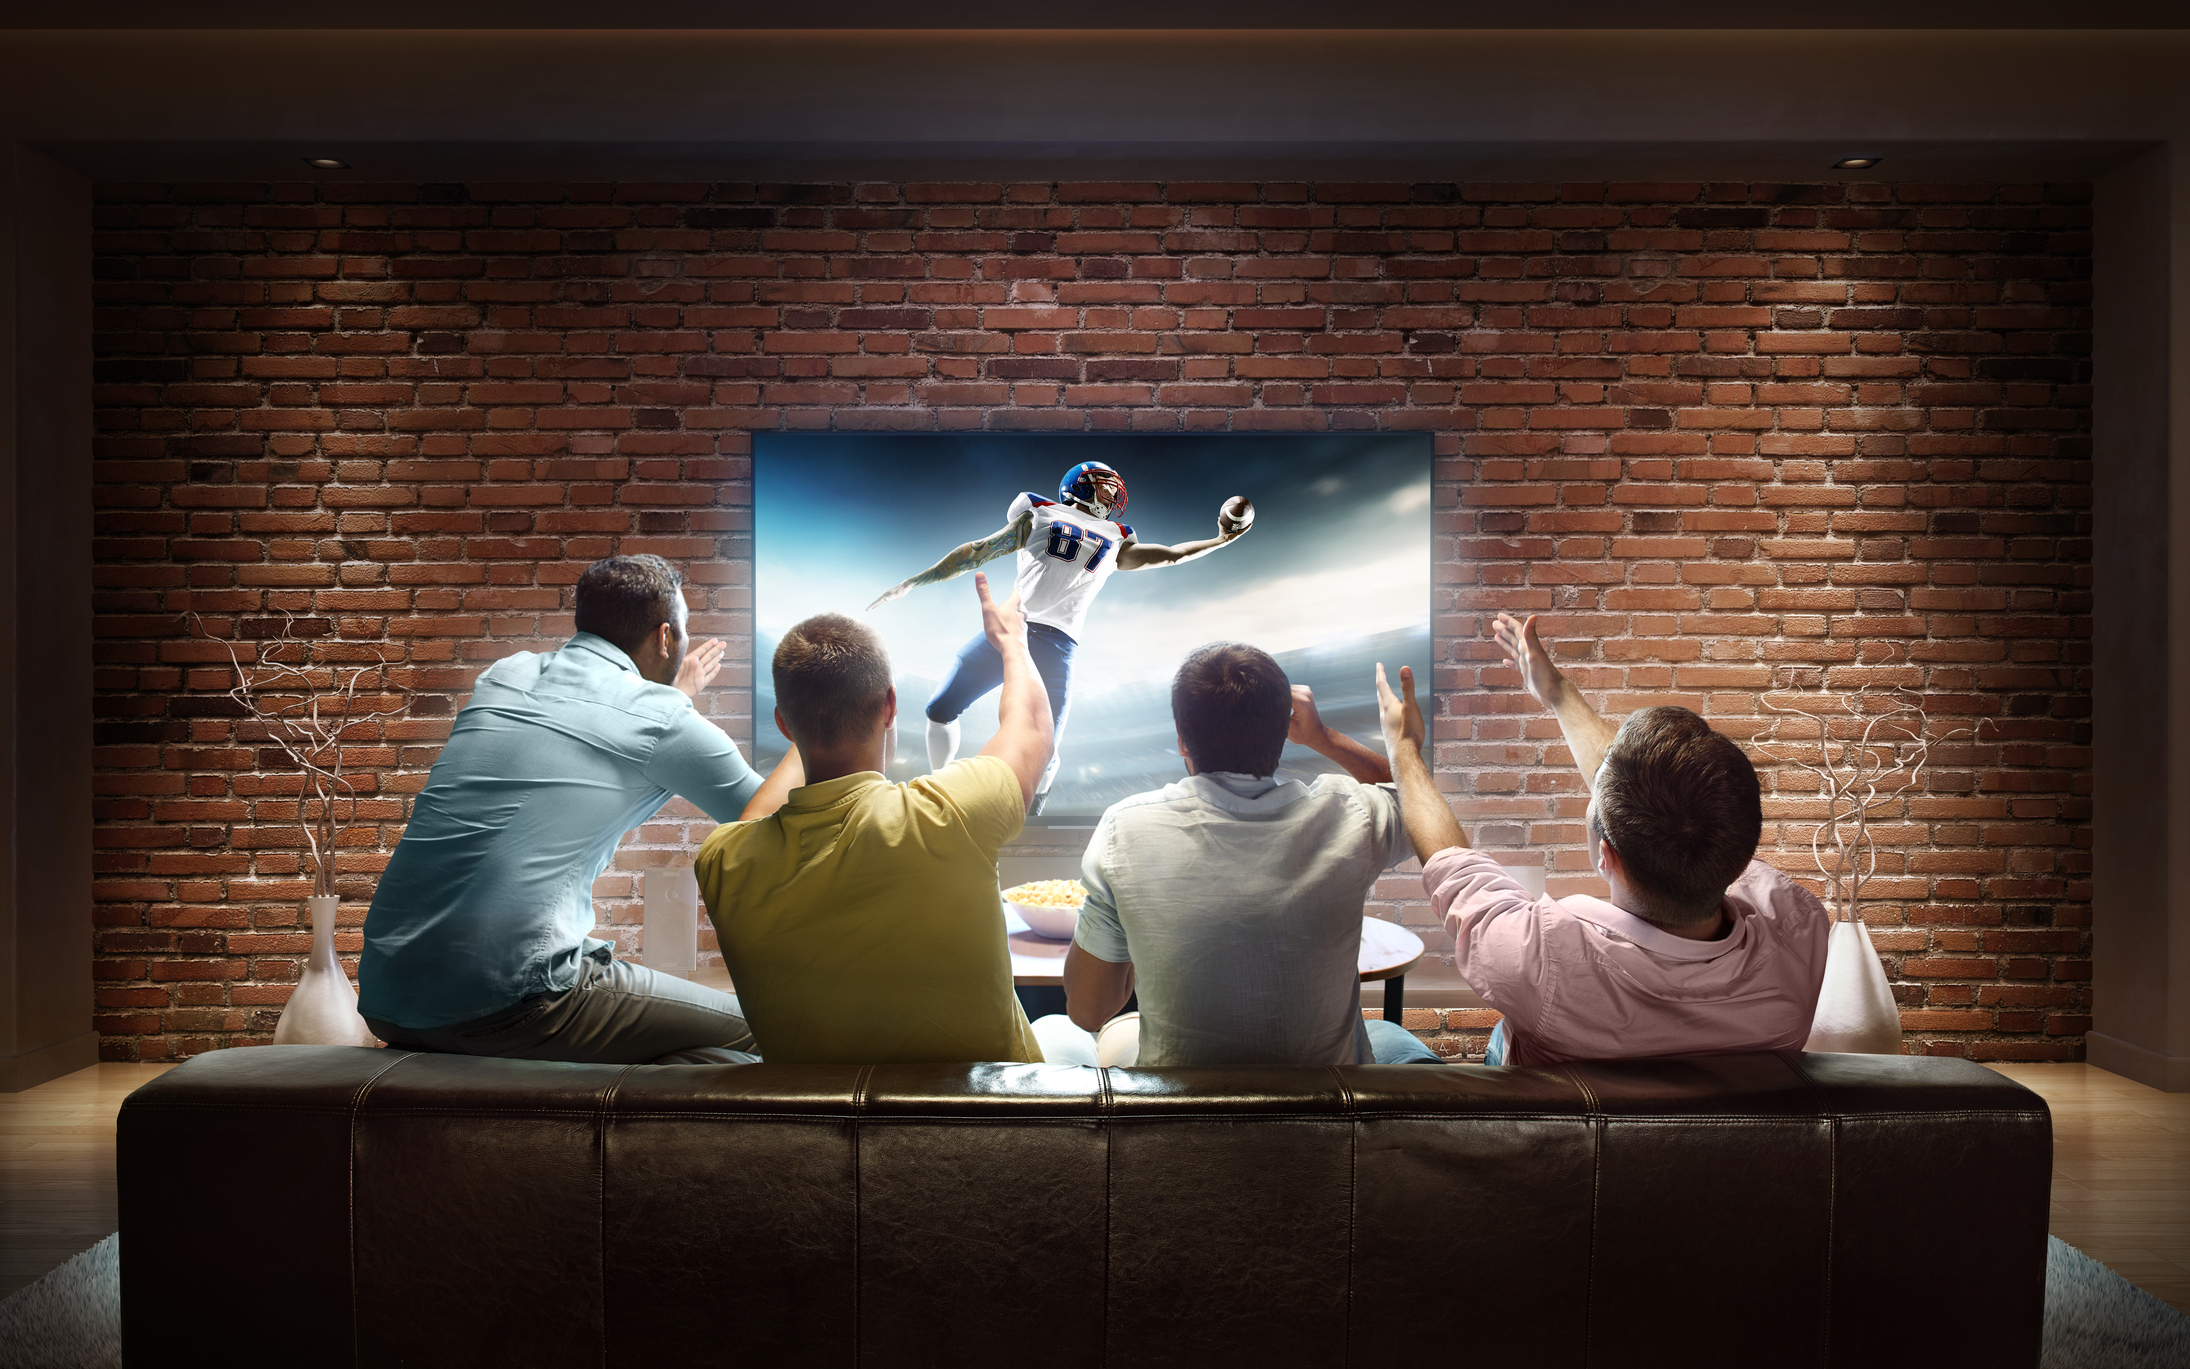 Super Bowl LI Commercials Tackle Teenage Drug Overdose